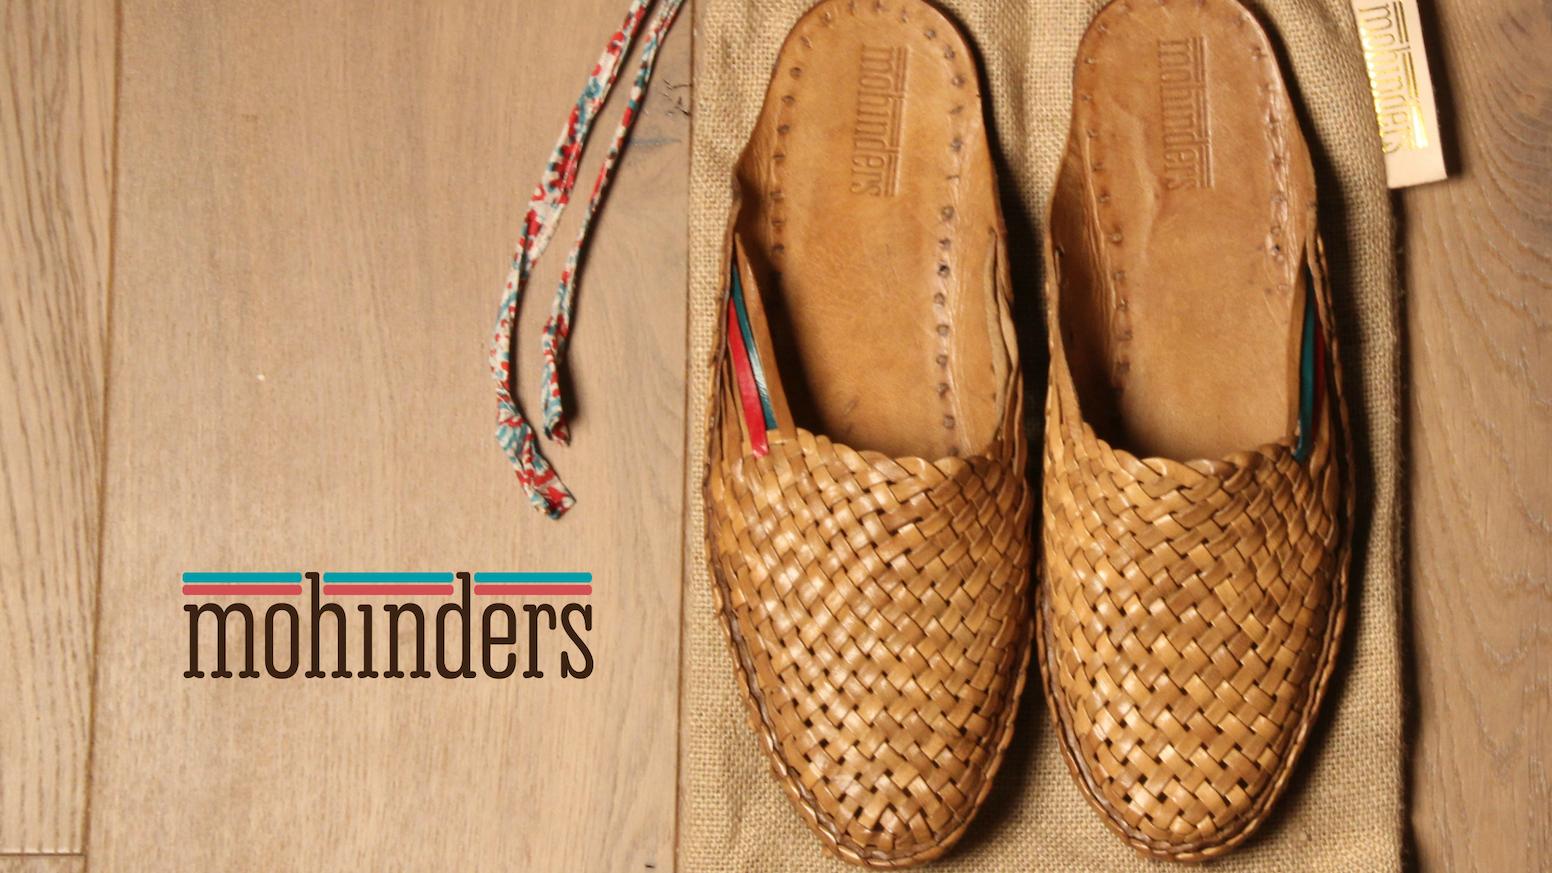 6c02de37fdb5 mohinders shoes by Michael Paratore — Kickstarter